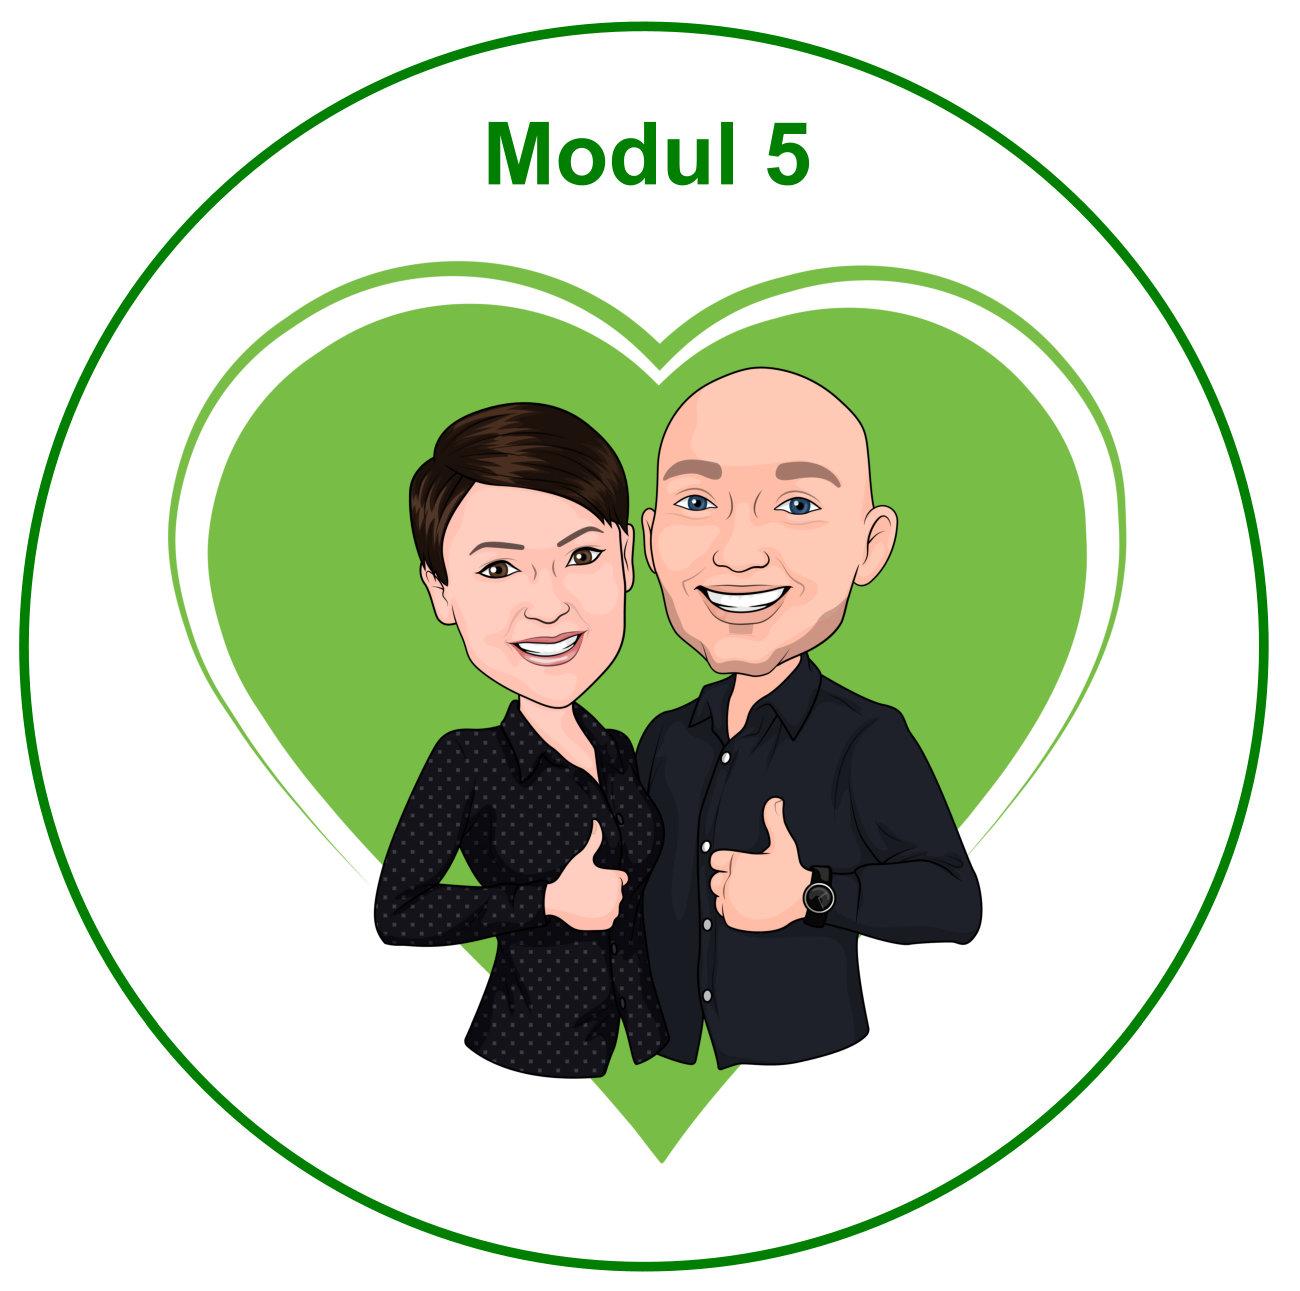 Modul 5 - Liebe meistern